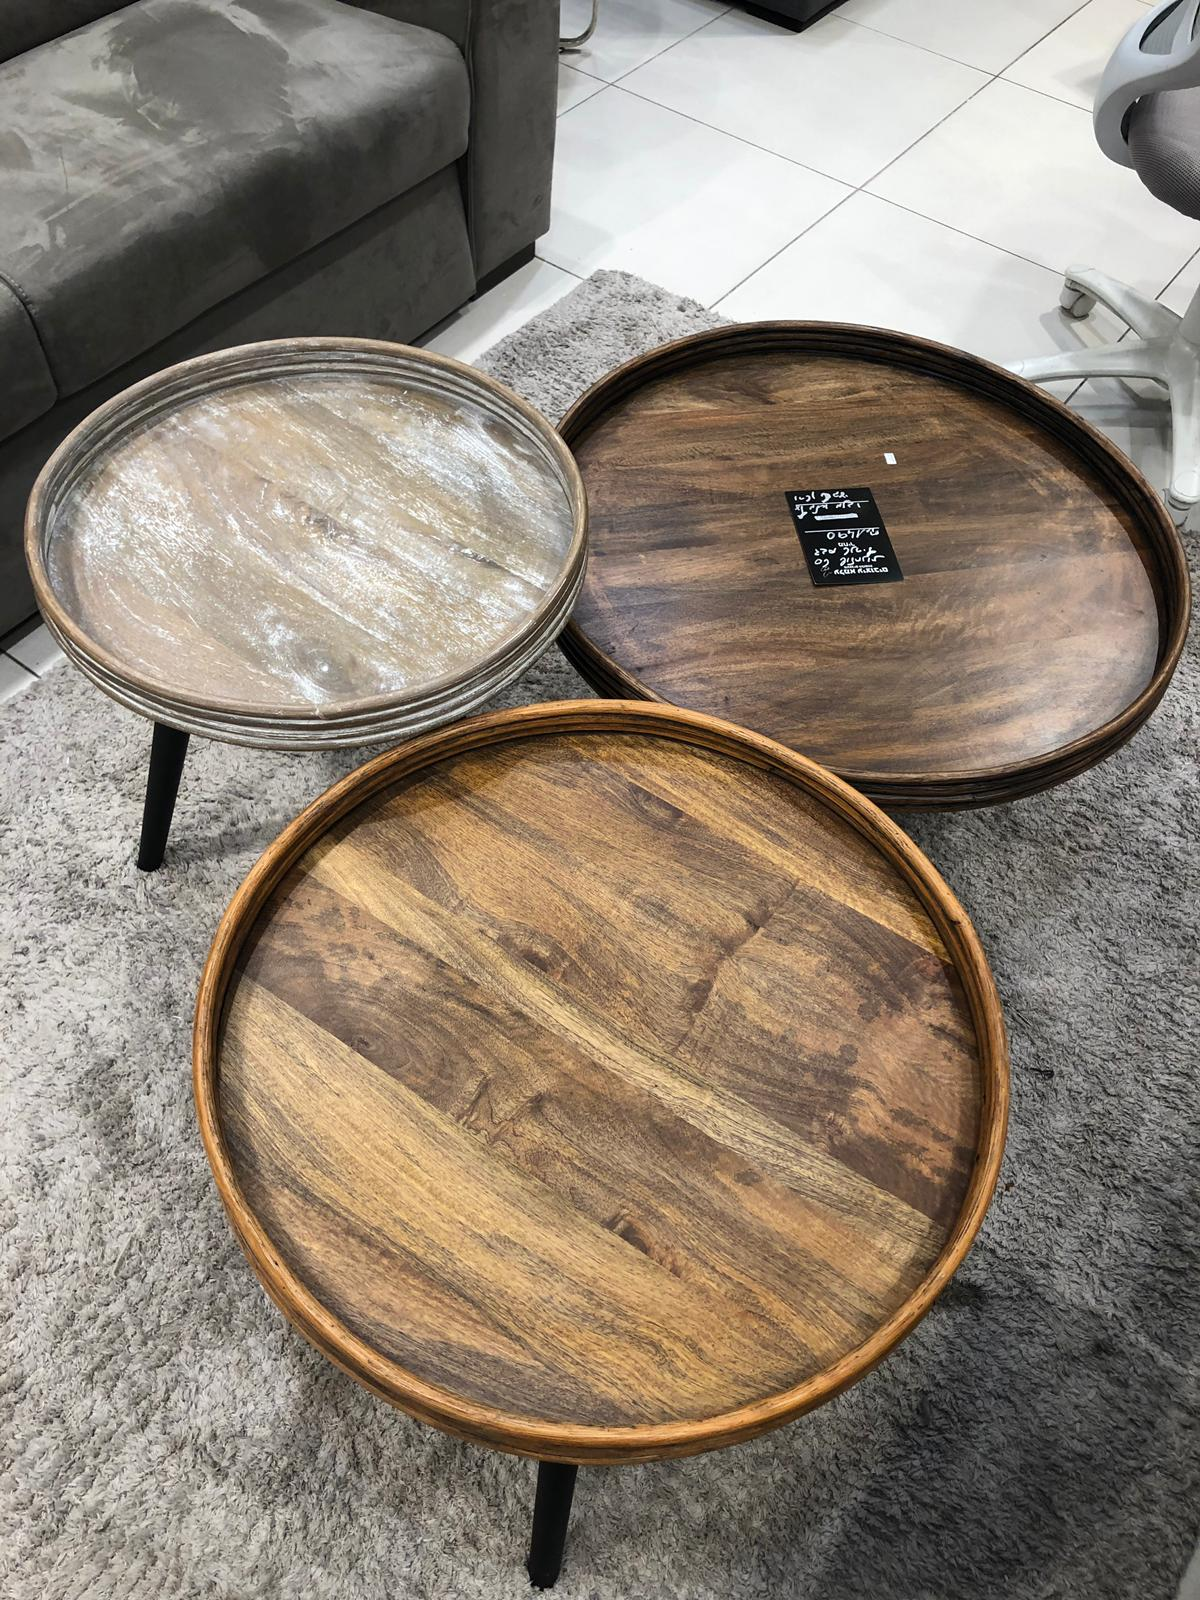 סט 3 שולחנות טנריף עץ מנגו מלא רגלי עץ צבעי חום